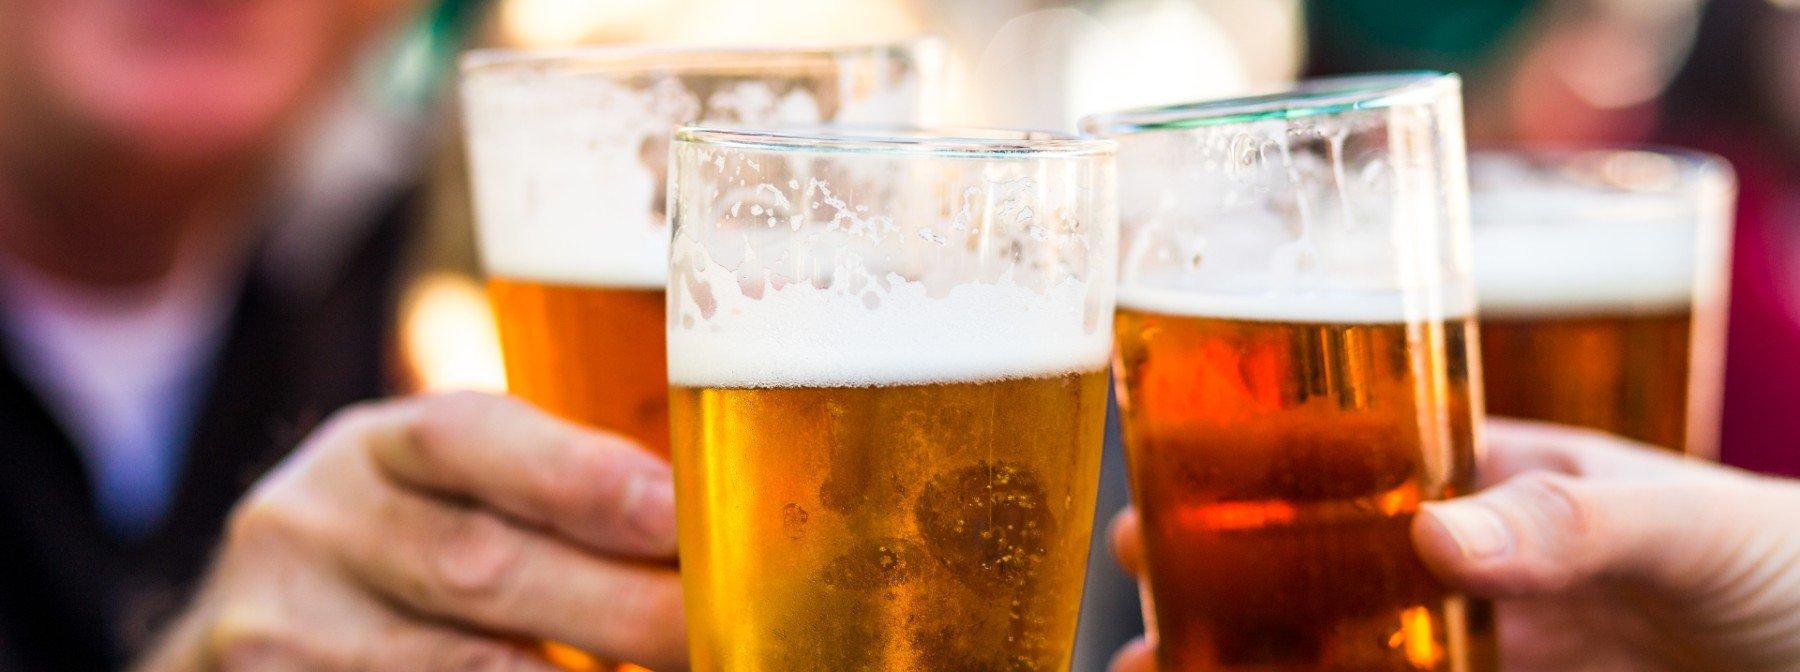 Musím se vzdát alkoholu, když chci zhubnout?